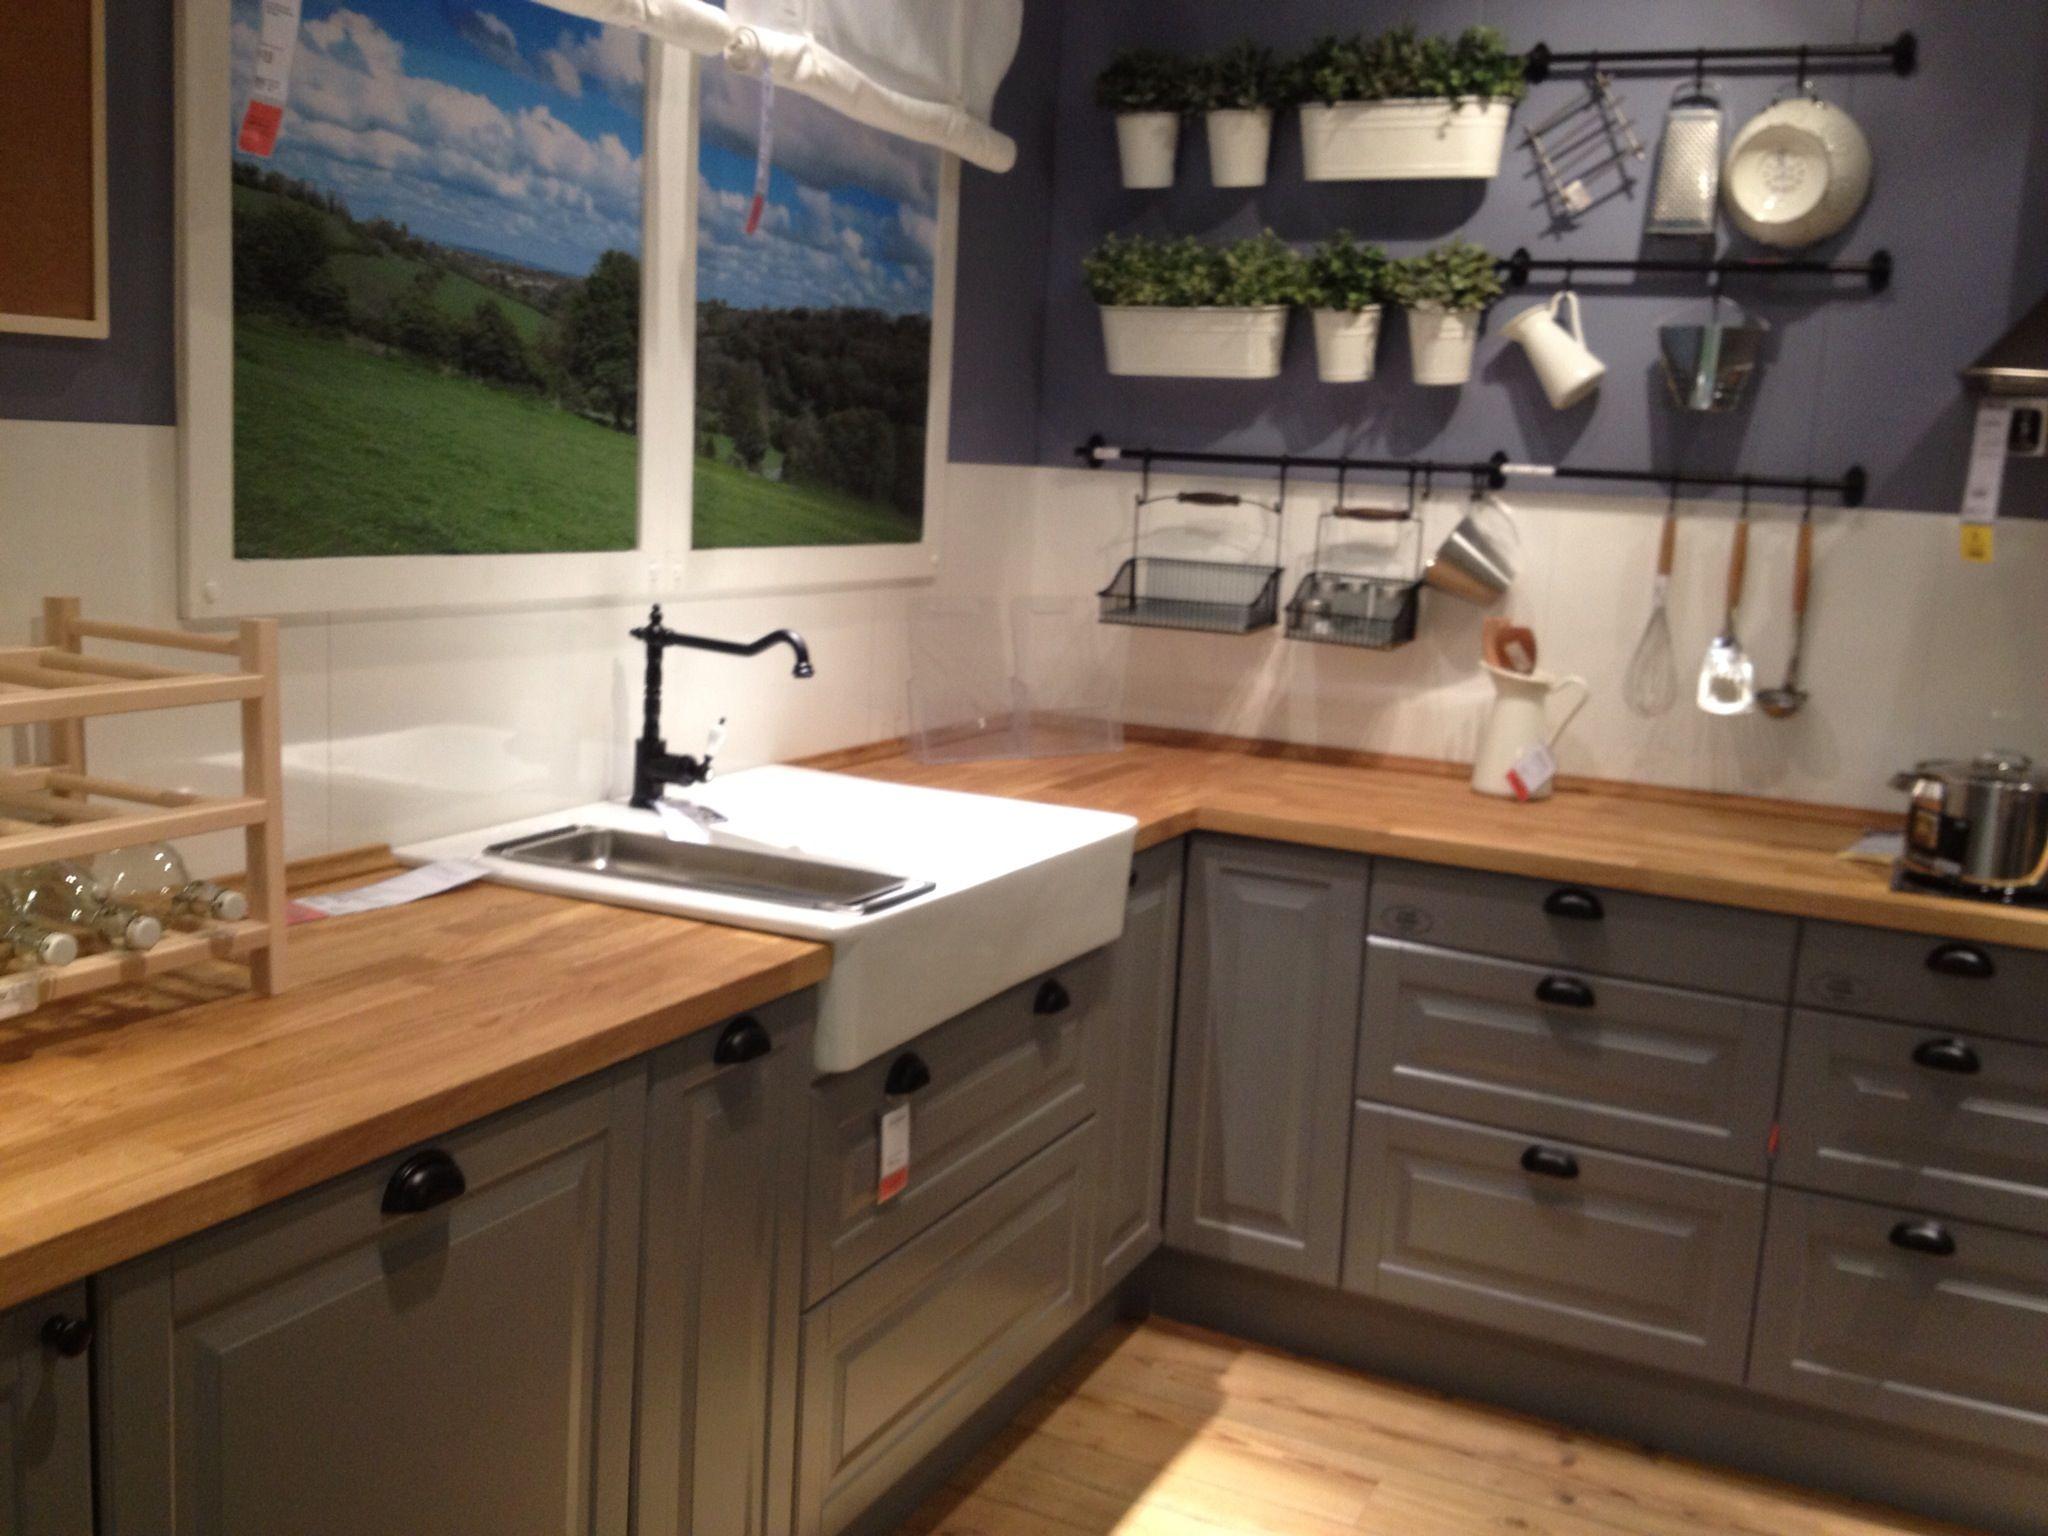 cuisine bodyn ikea kitchen countertops Ikea grey kitchen